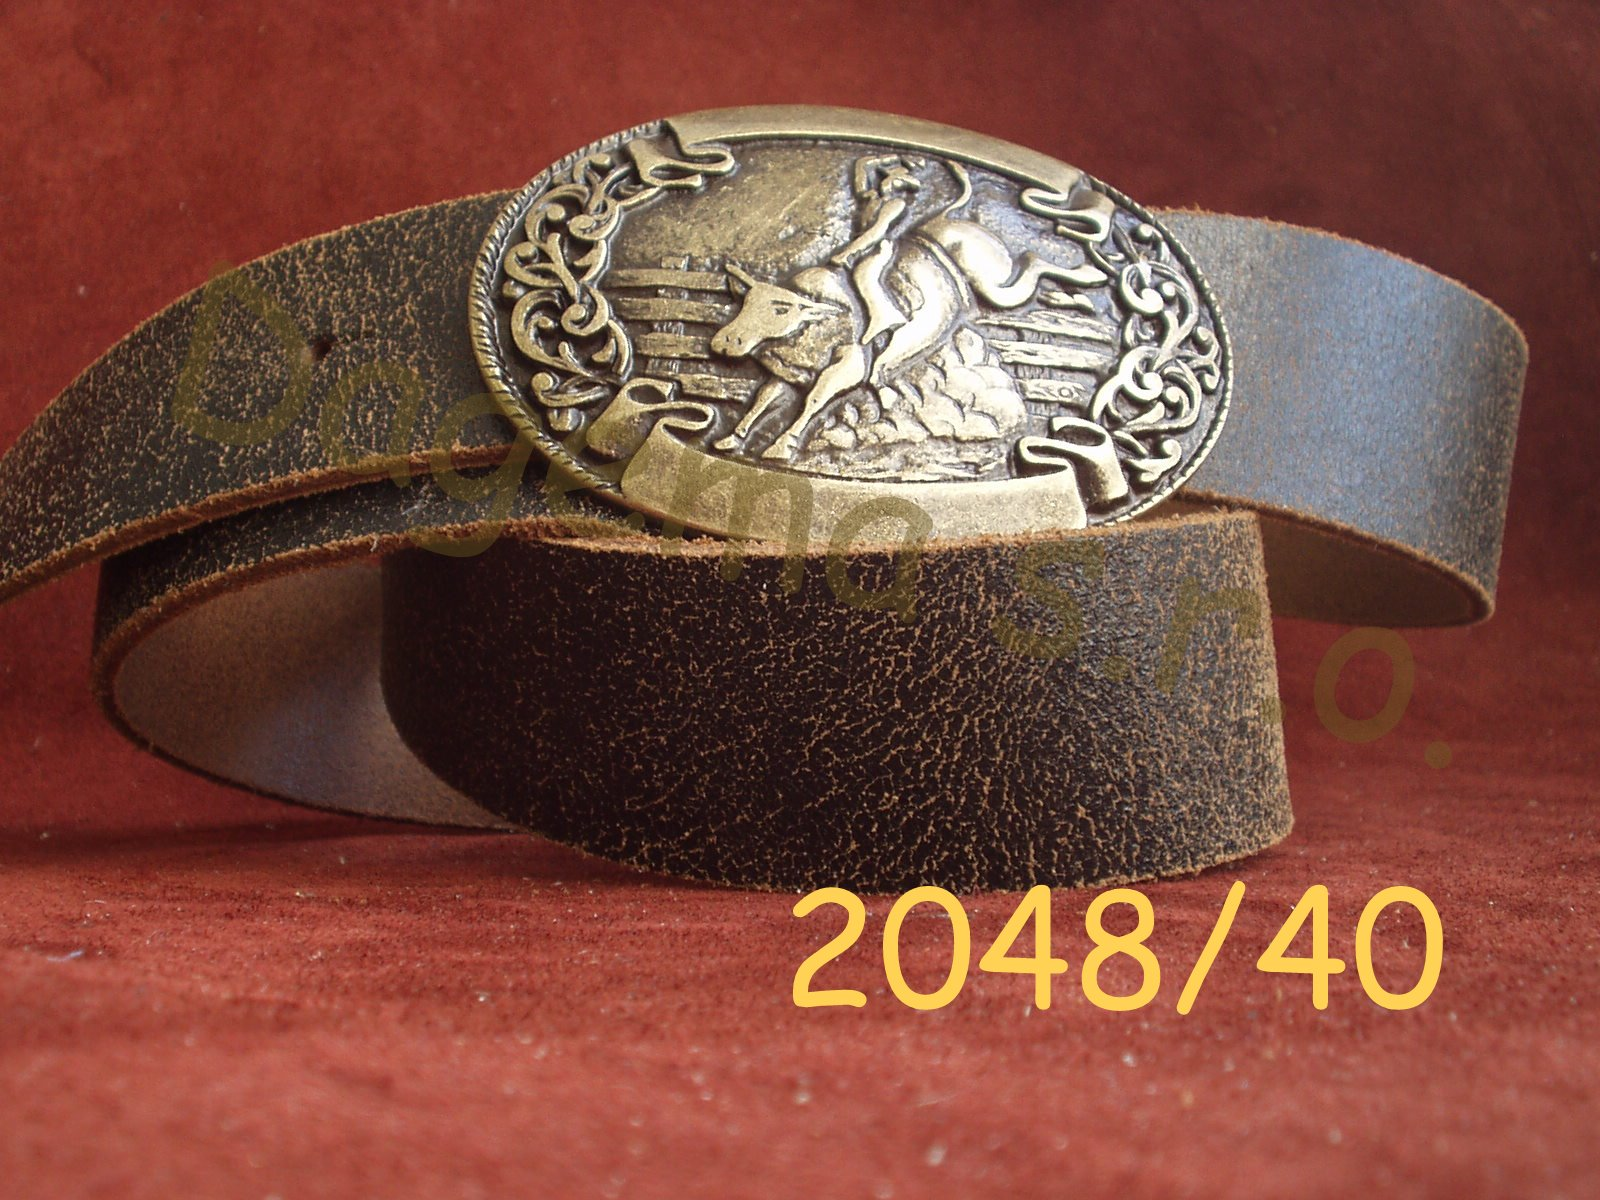 7168e4e28 Kožené opasky, opasky | Kožený westernový opasek se sponou ...